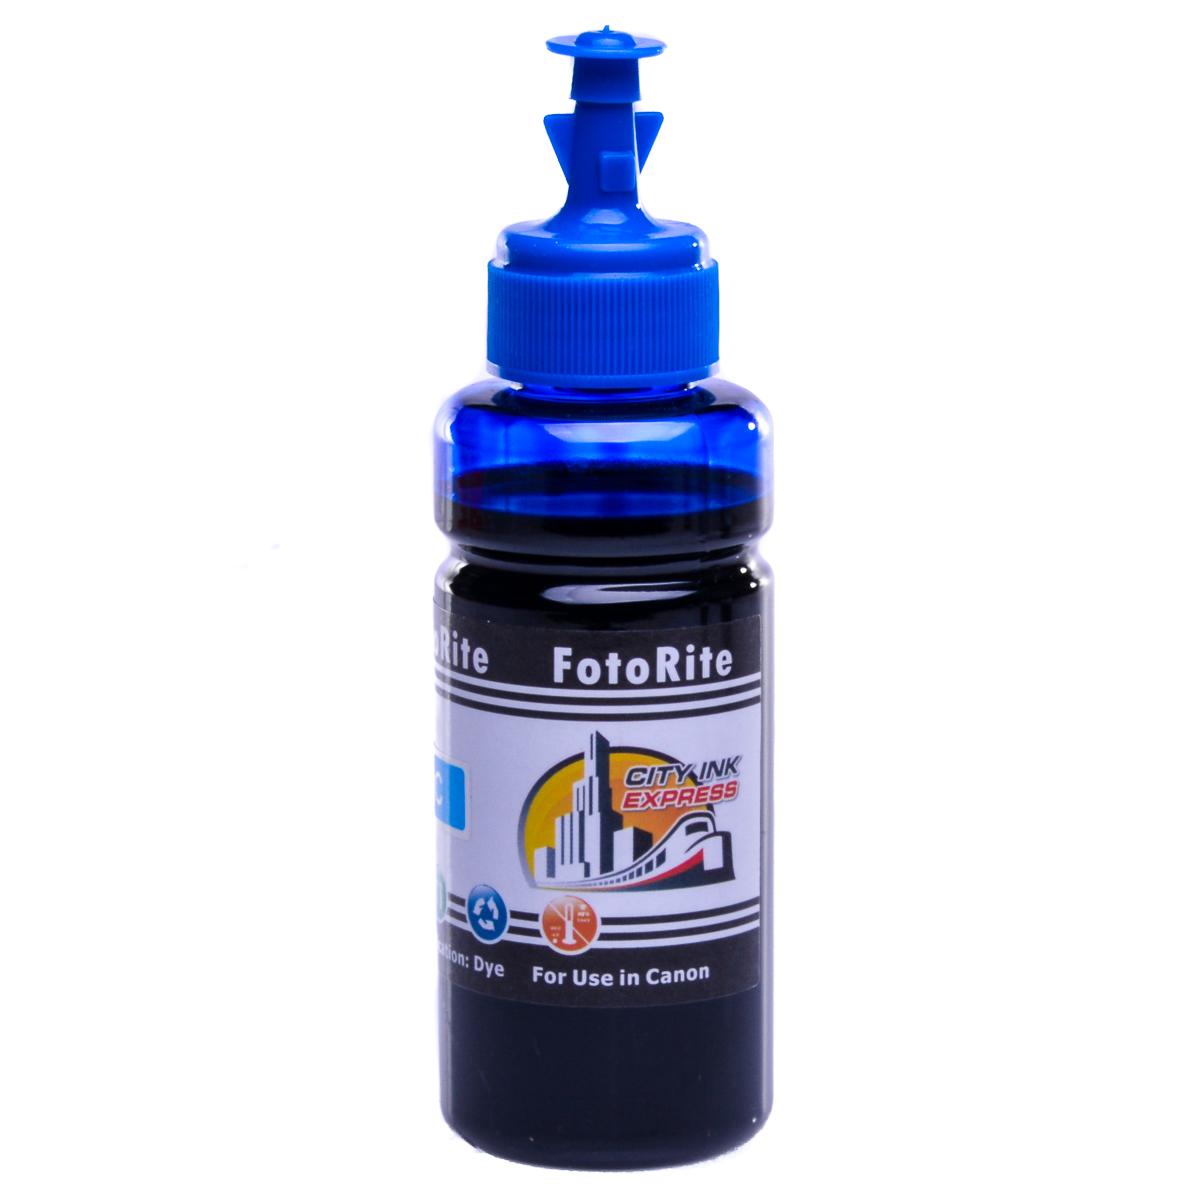 Cheap Cyan dye ink replaces Canon Pixma MP495 - CL-513